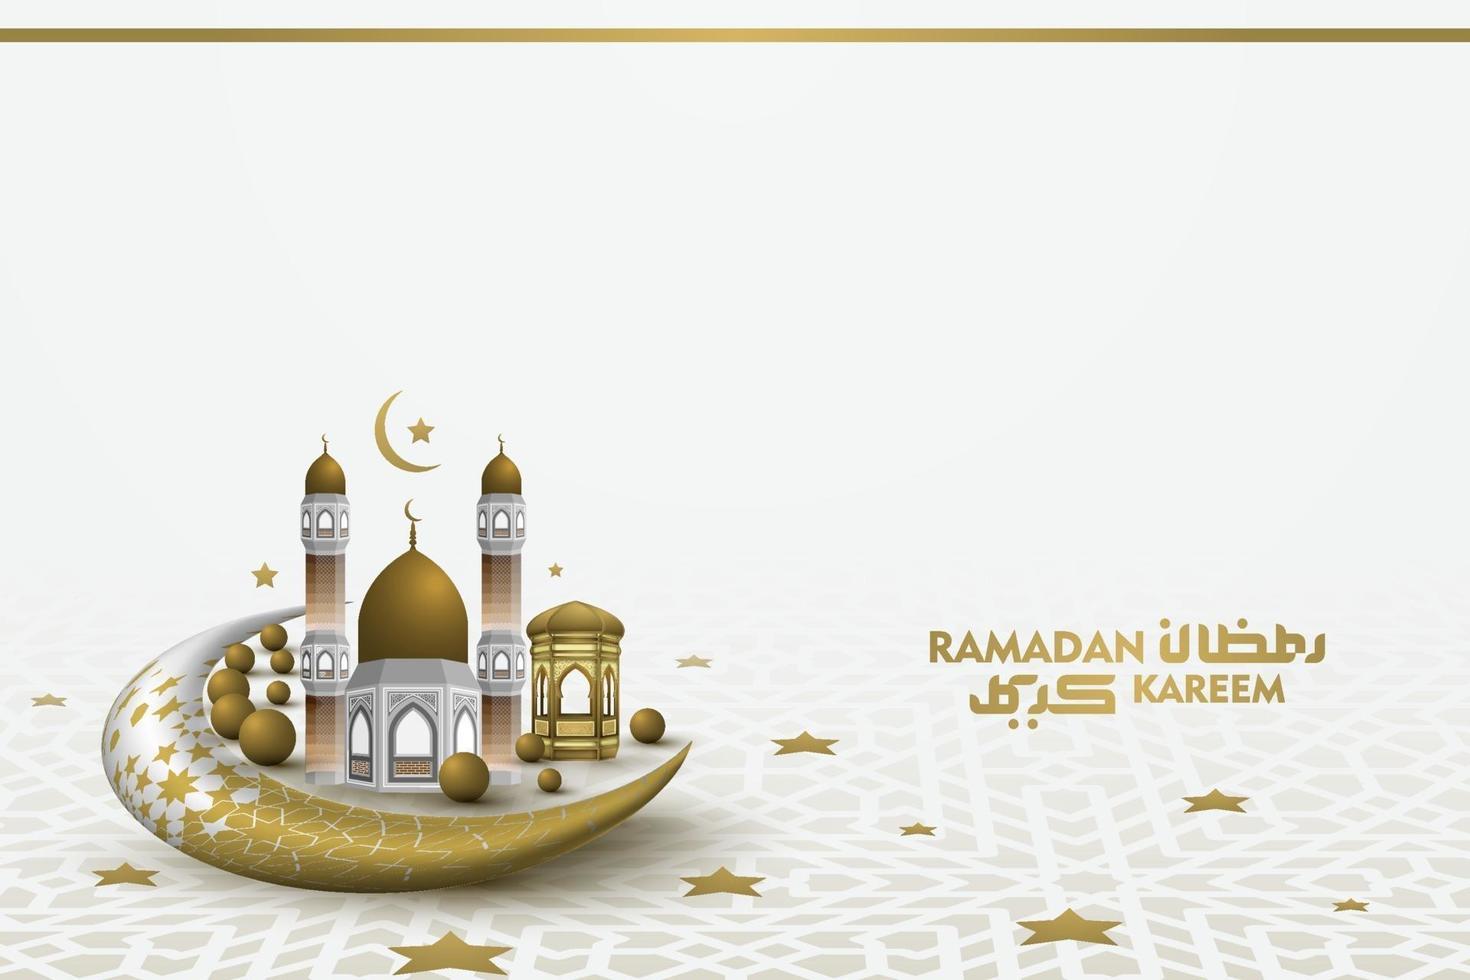 ramadan kareem hälsning islamisk illustration bakgrundsvektordesign med vacker arabisk kalligrafi och moské för banner, tapeter, kort och brosur vektor